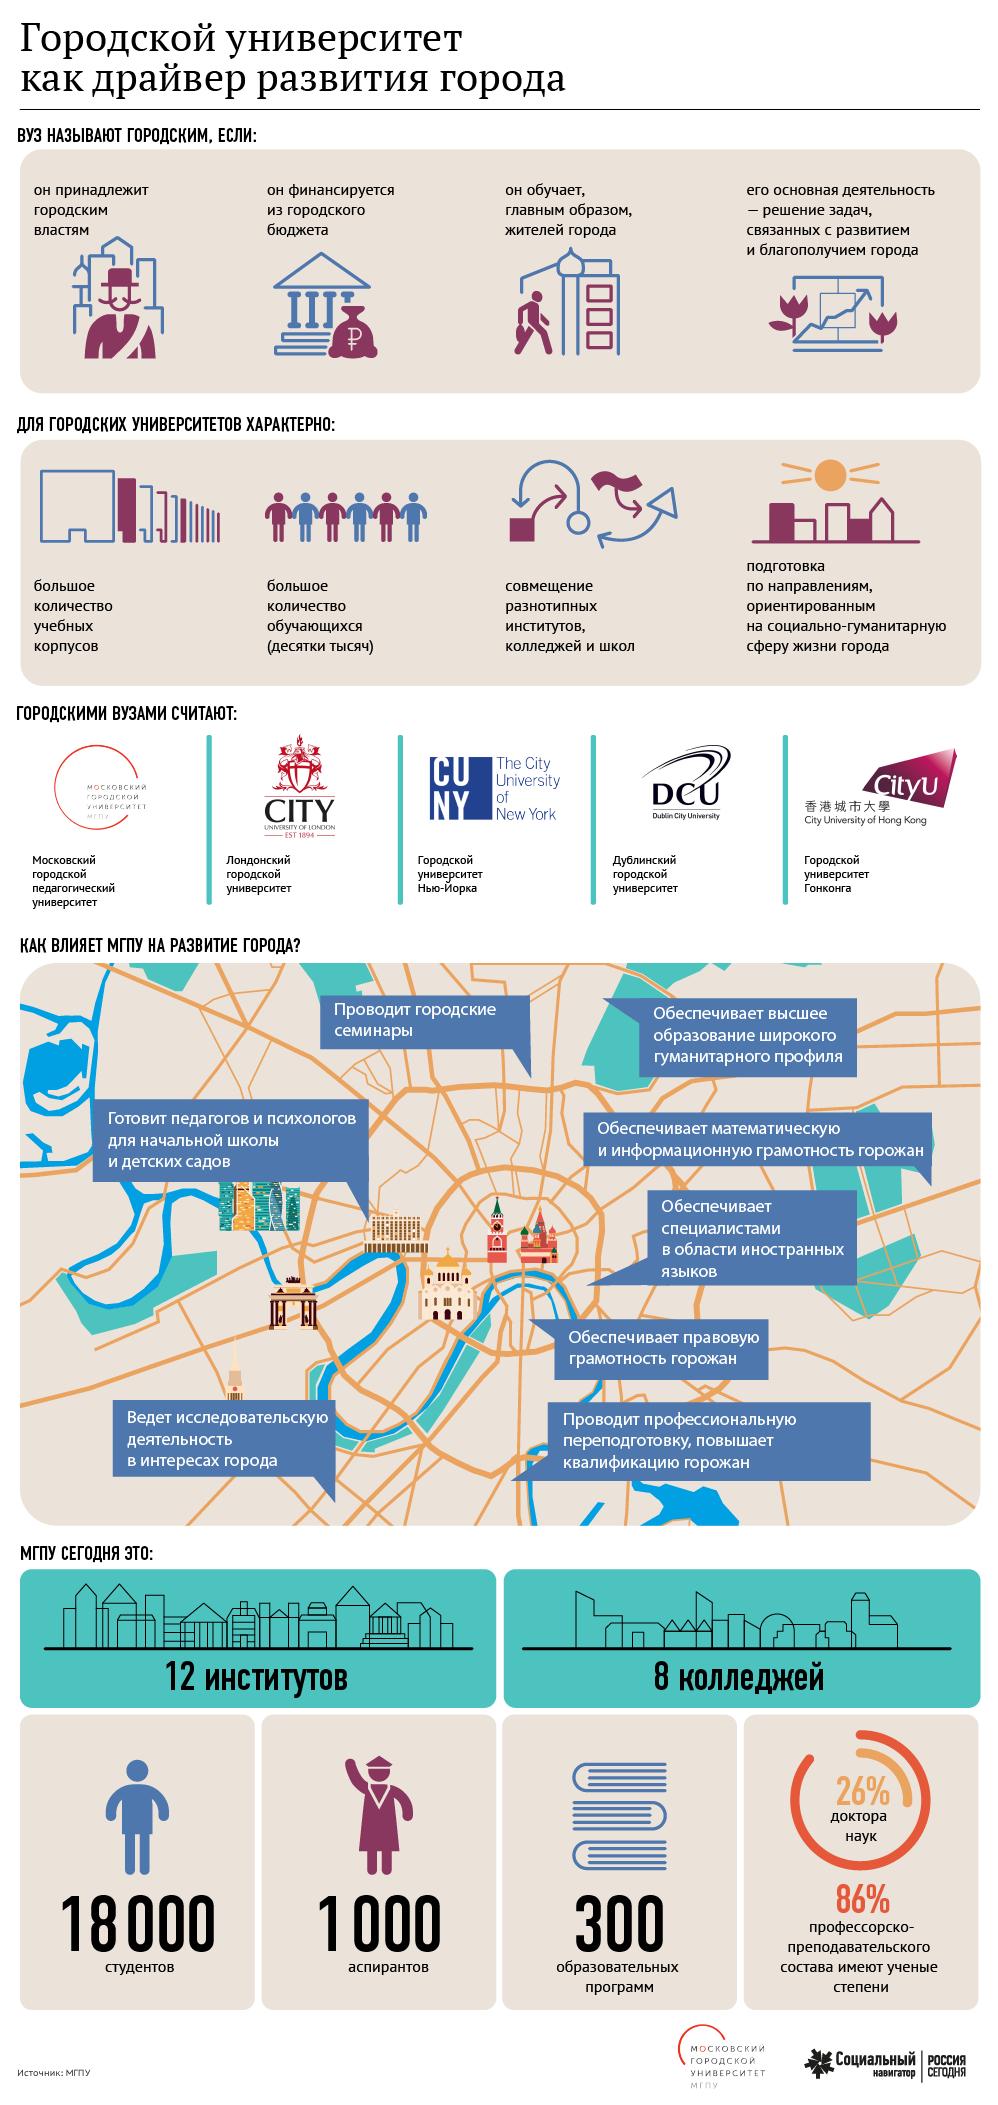 Городской университет как драйвер развития города